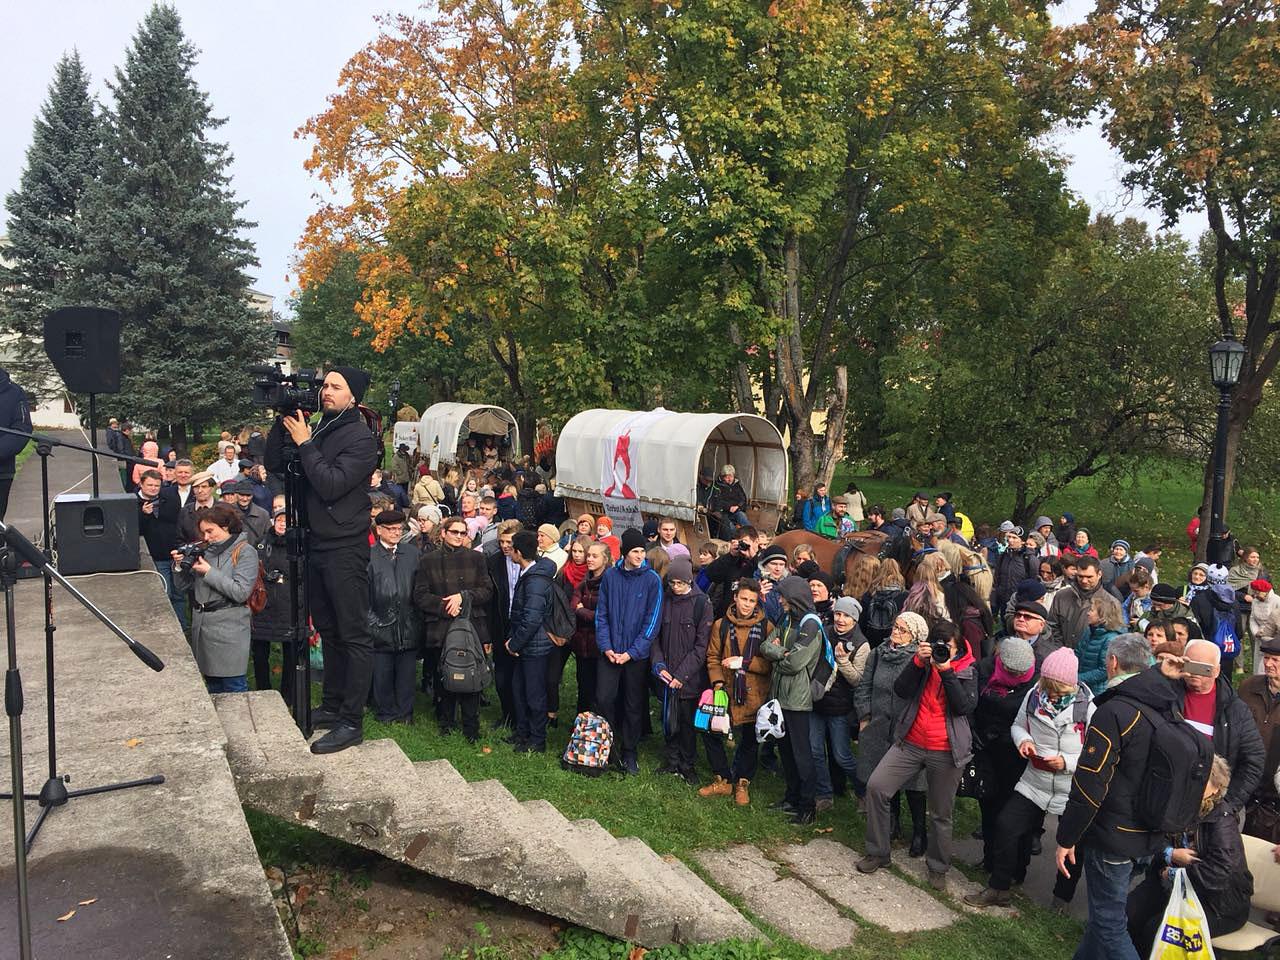 Viele Besucher beim Empfang - Titanen on tour in Weliki Nowgorod